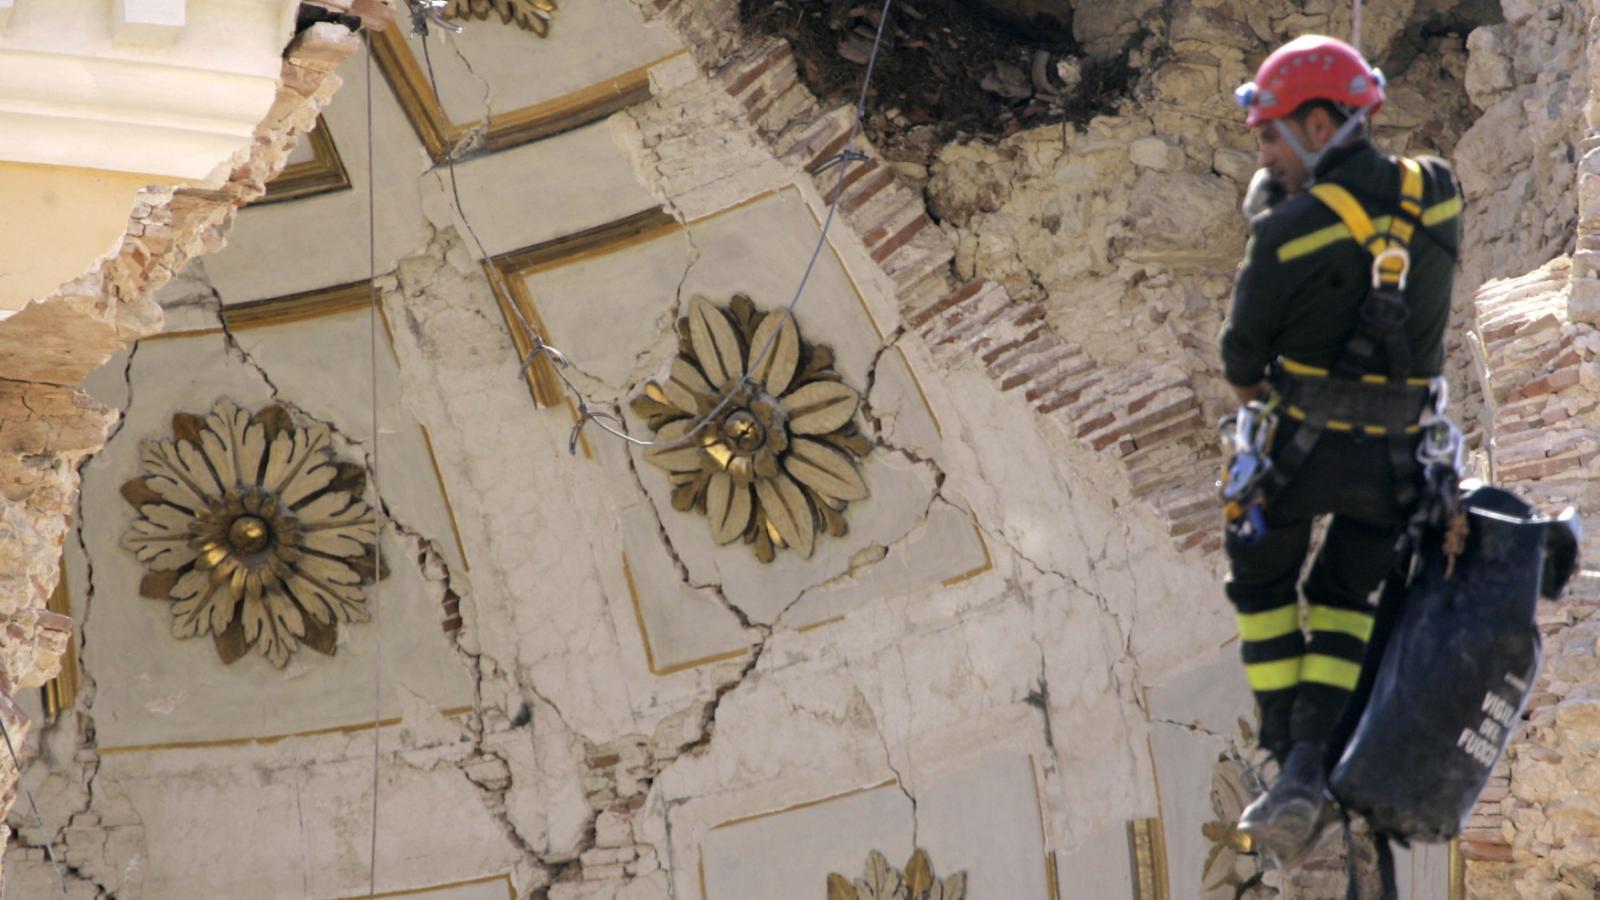 10 let od zemětřesení v Aquile. Třetina domů byla poškozena, více než 60 tisíc lidí přišlo o domovy